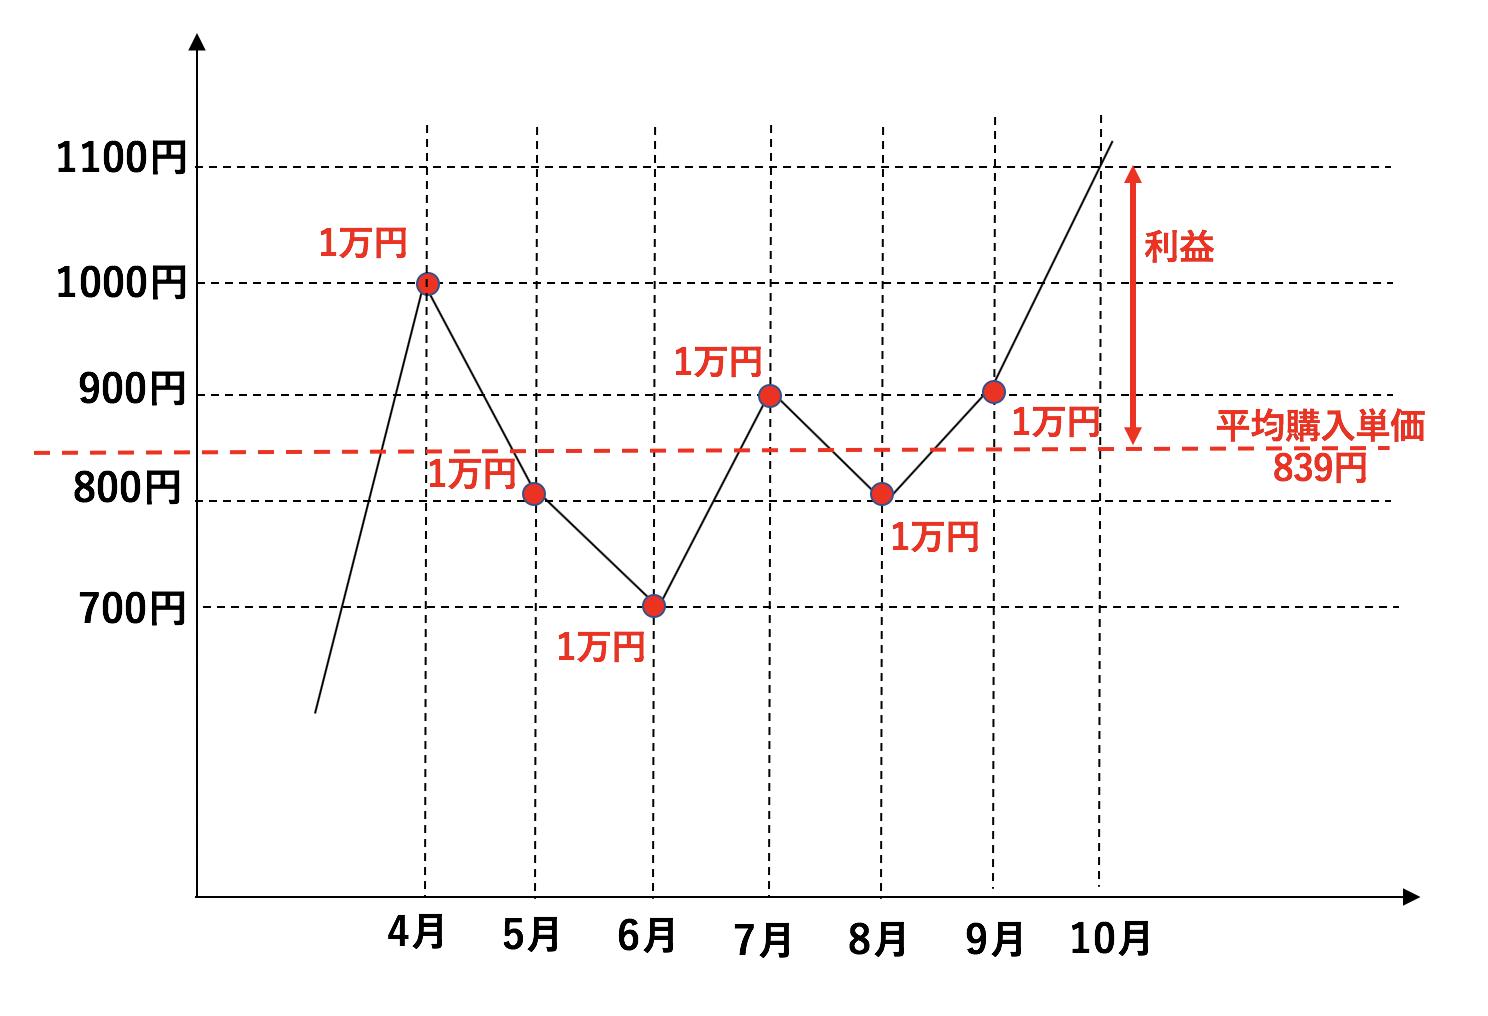 ドルコスト平均法のメリットである購入単価の平準化の説明